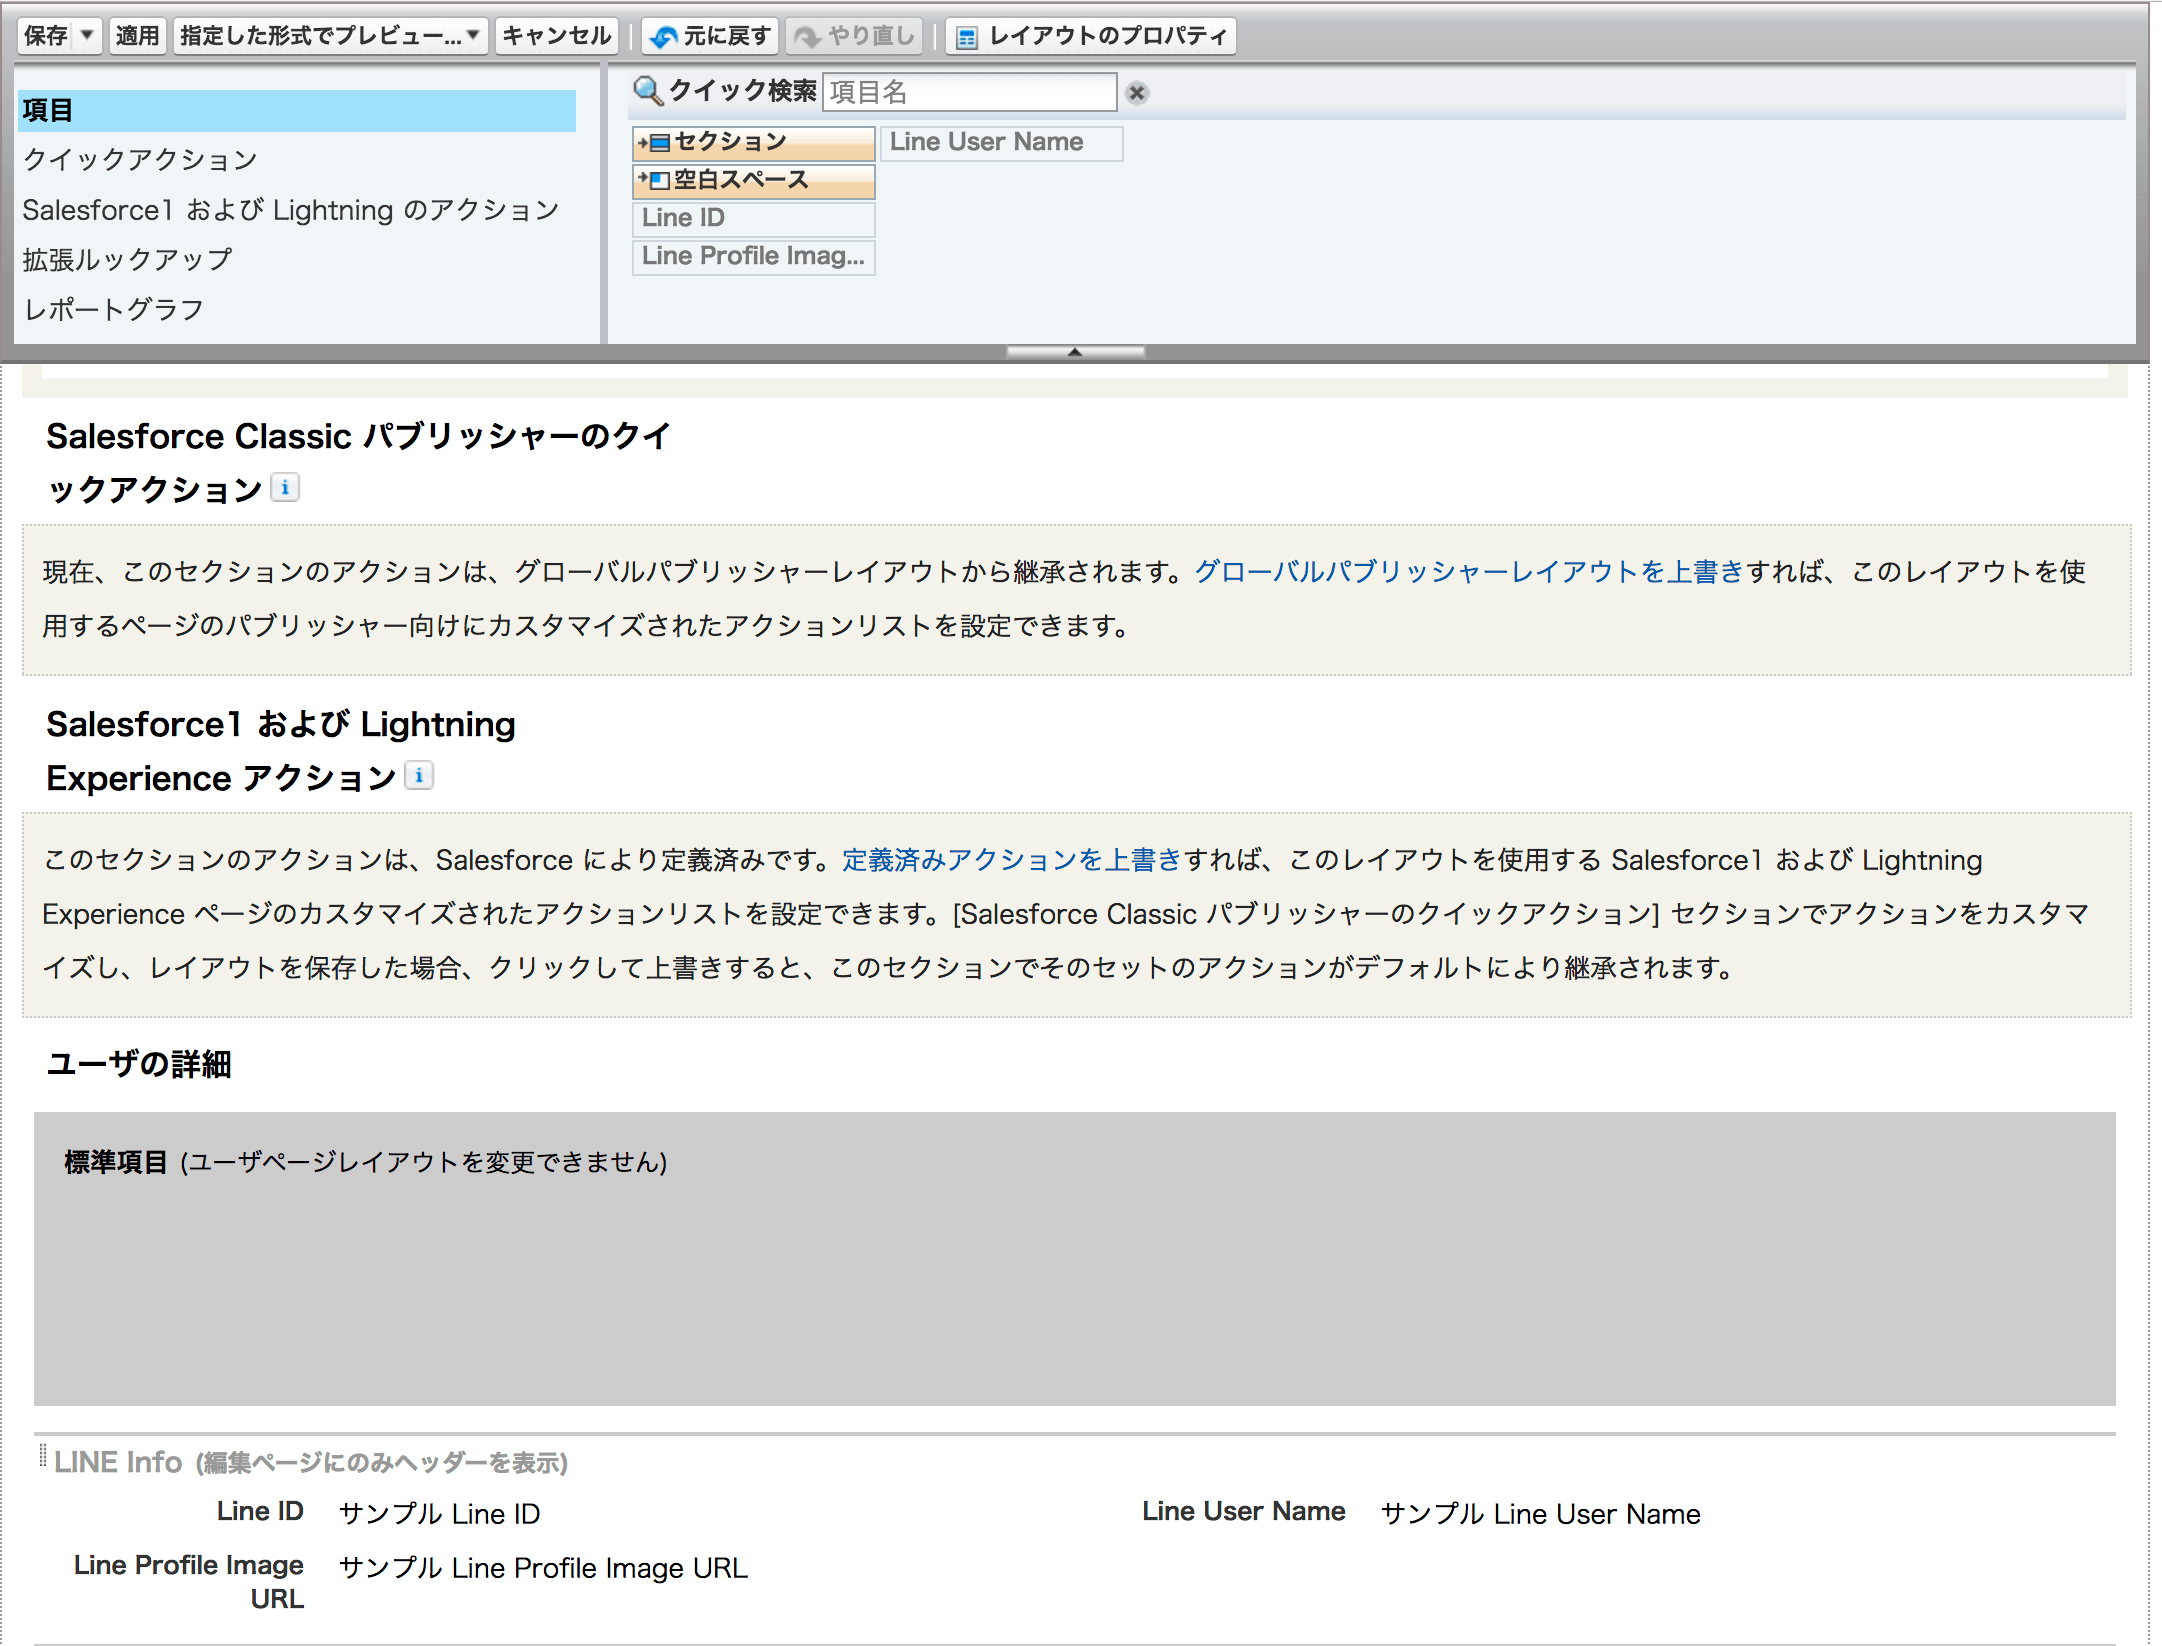 スクリーンショット 2017-07-23 19.18.22.png